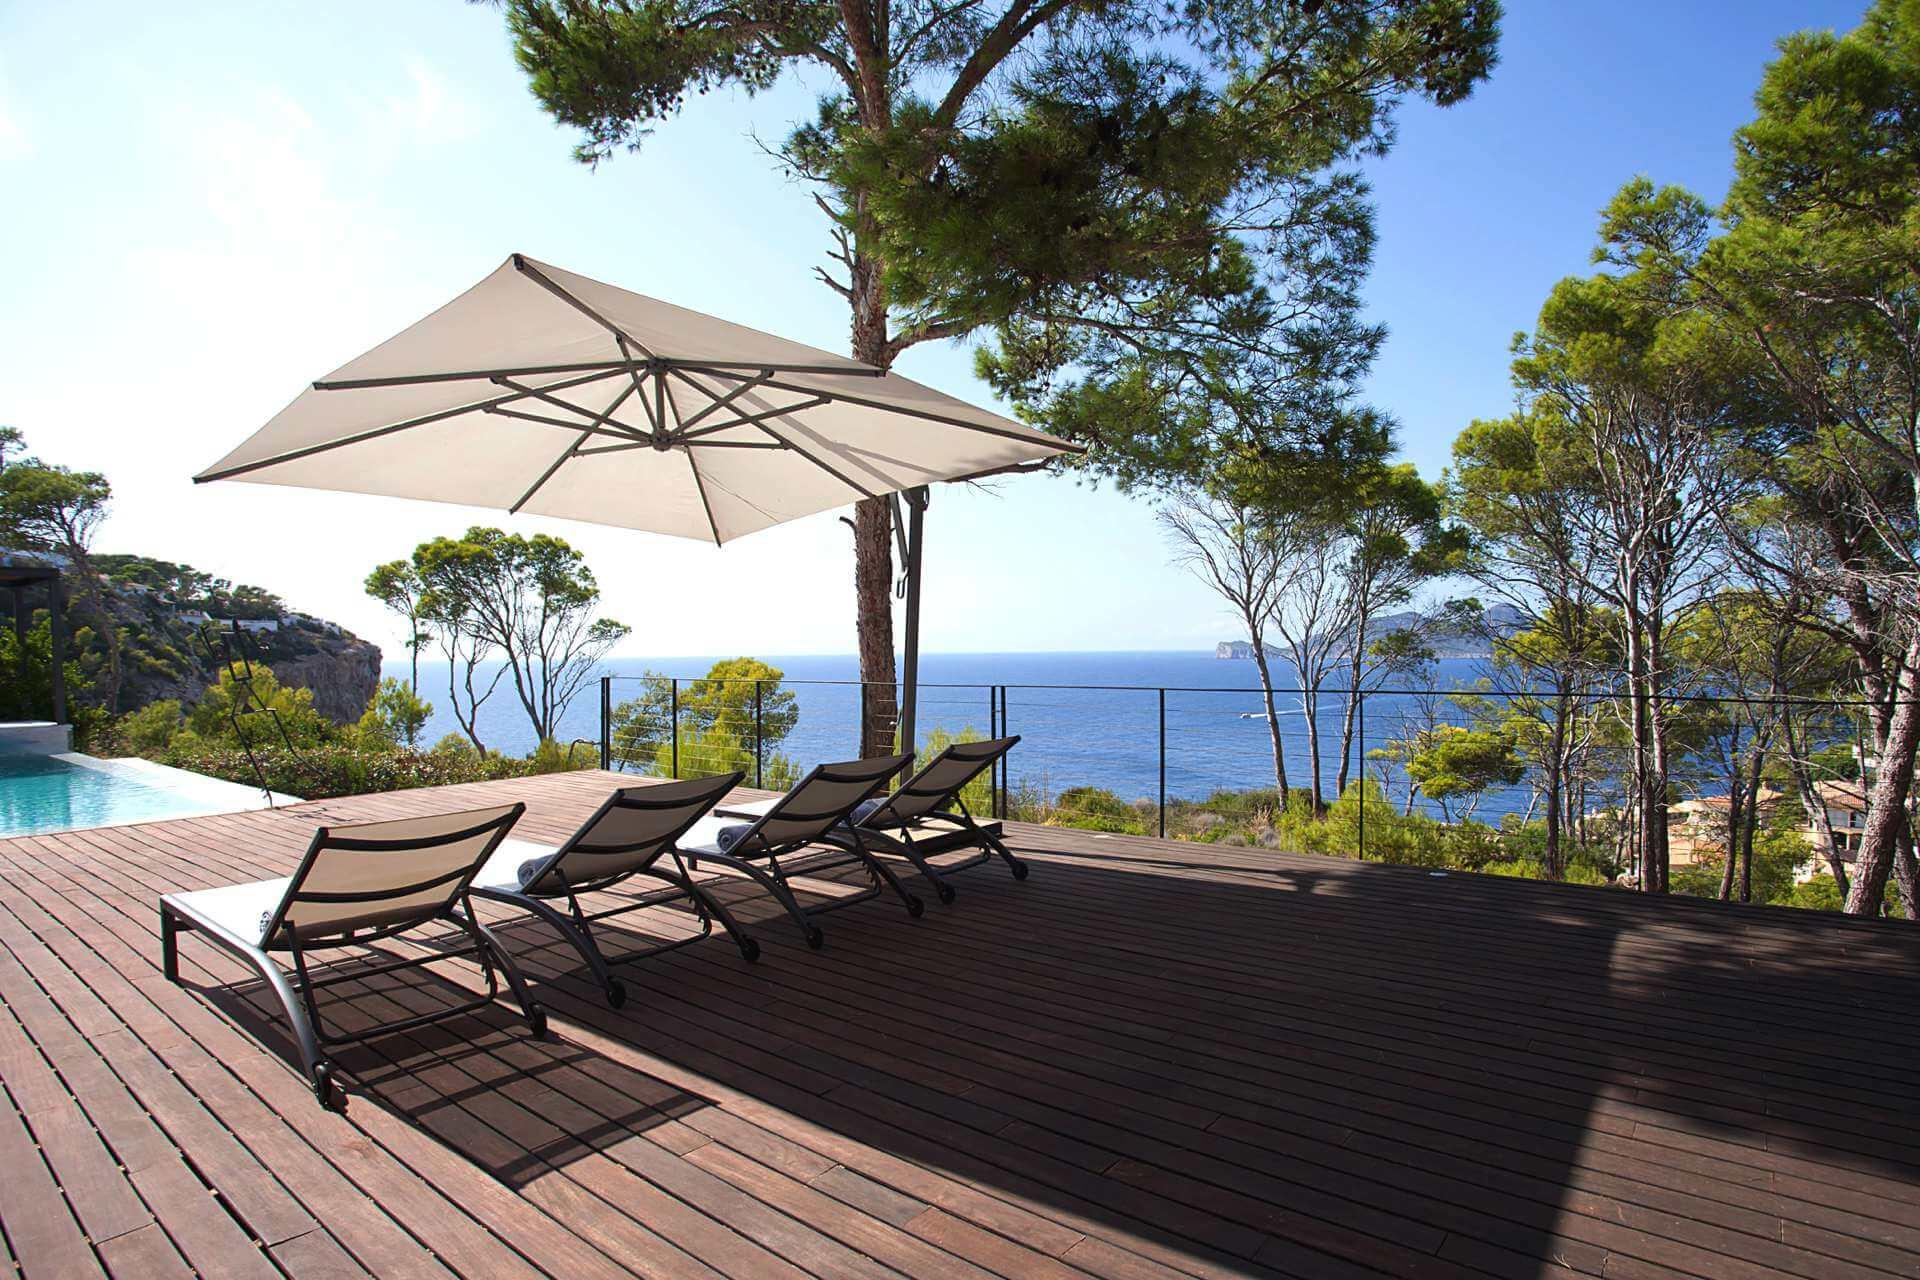 01-332 Sea view Villa Mallorca southwest Bild 10